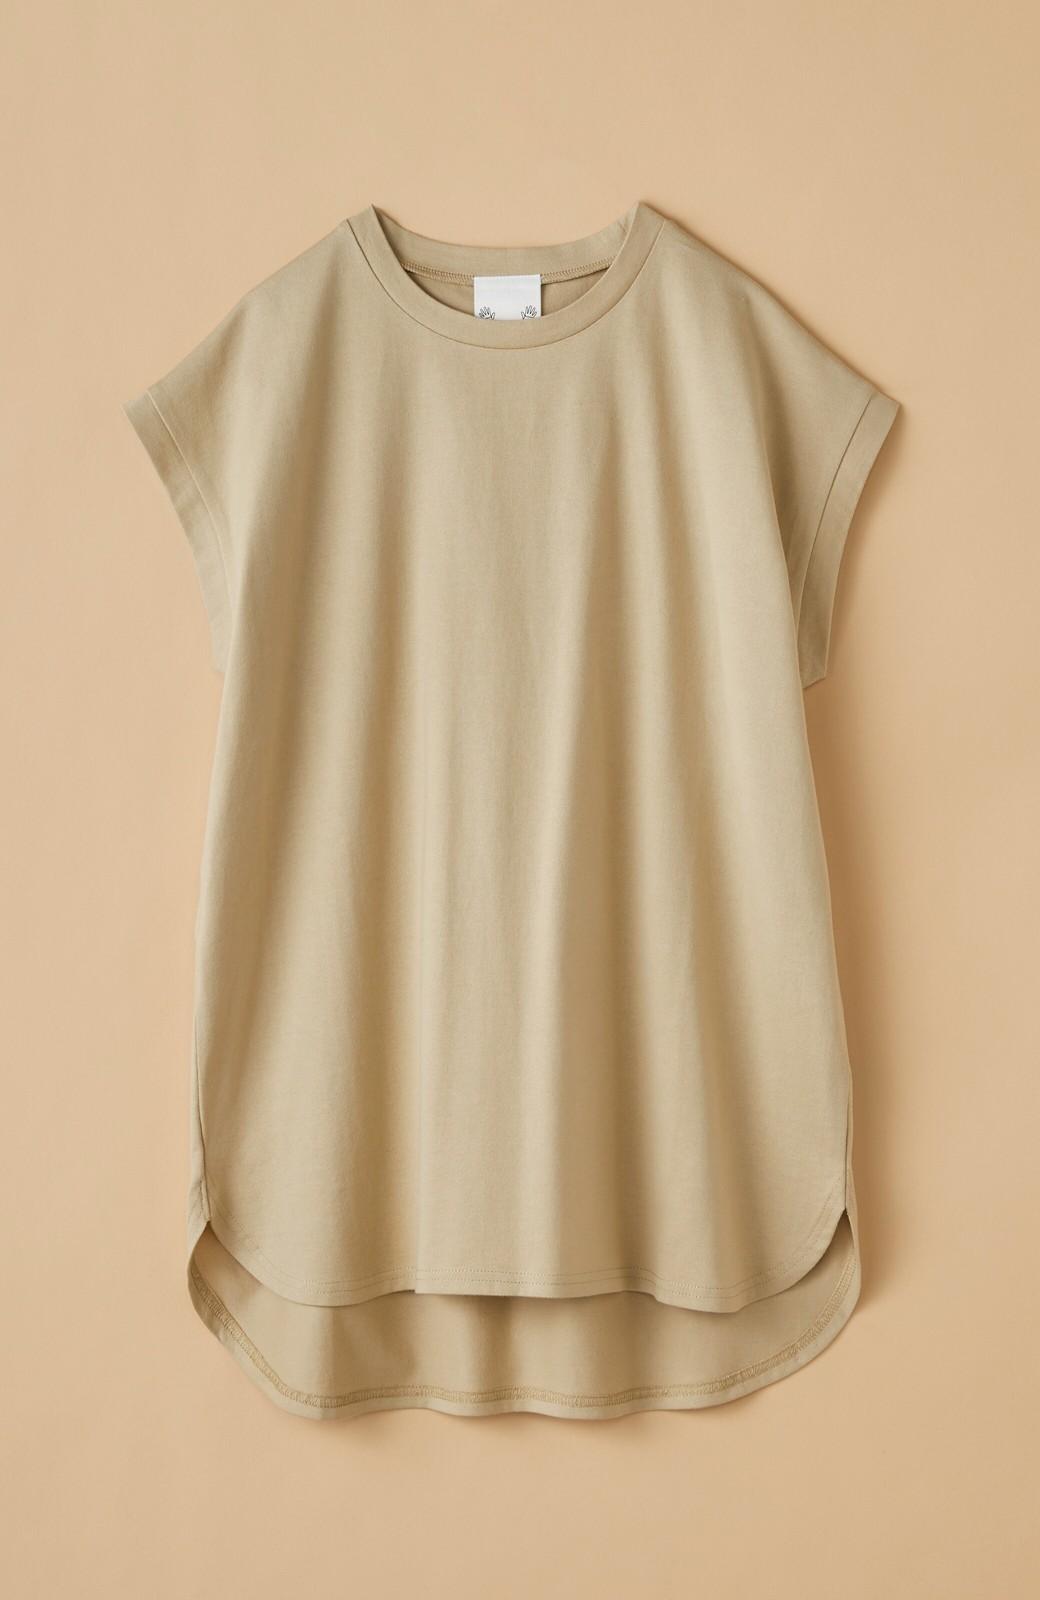 haco! 大人のTシャツこれならいける?!ちょい袖でかっこよく見せるTシャツ by que made me + PBP <ベージュ>の商品写真15